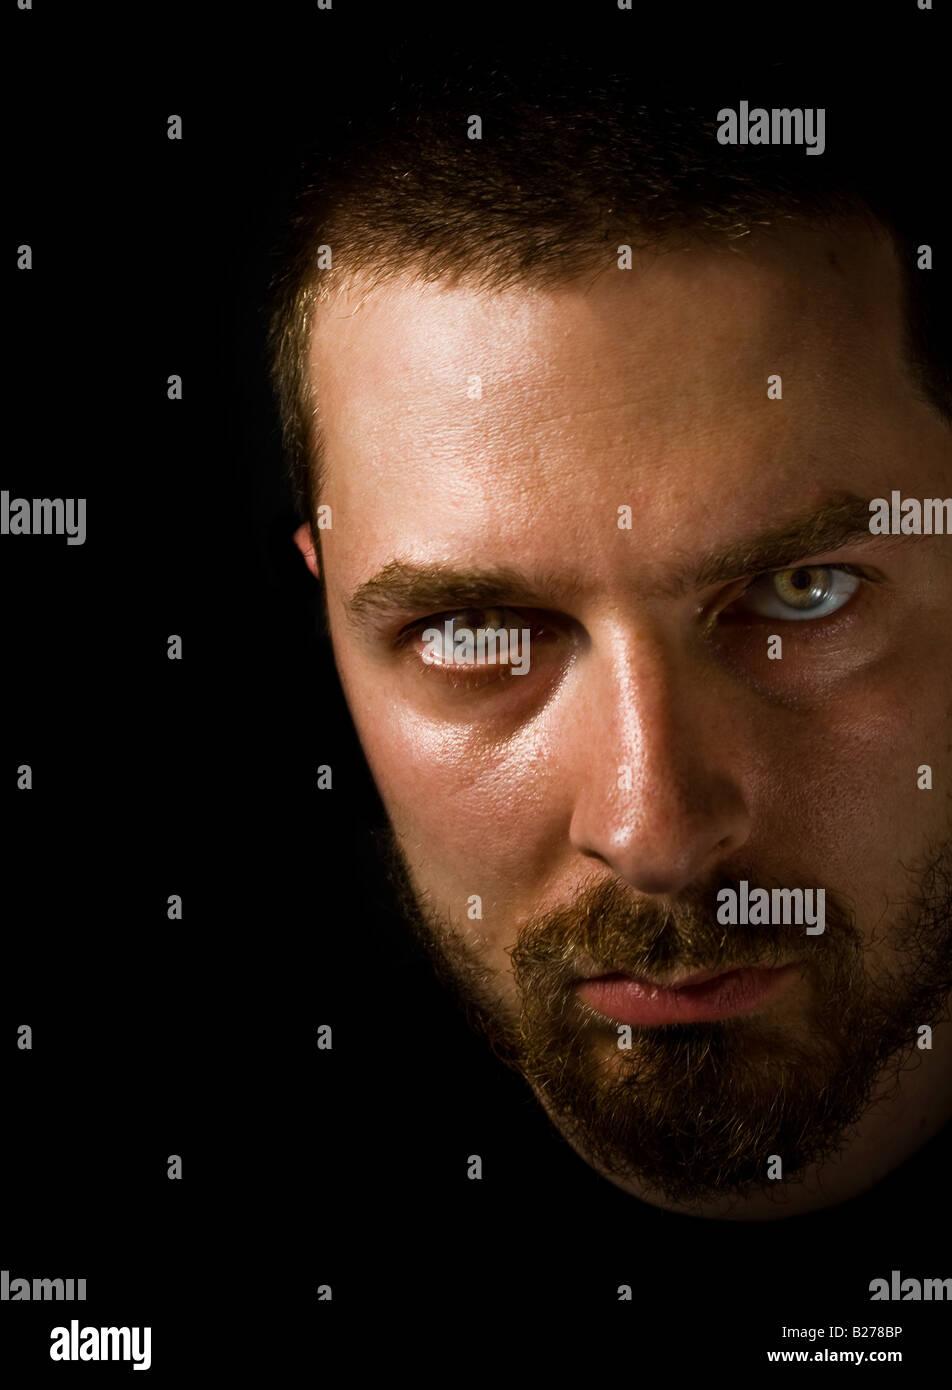 Niedrige wichtige Porträt der unheimliche Mann mit beängstigend Augen Stockbild